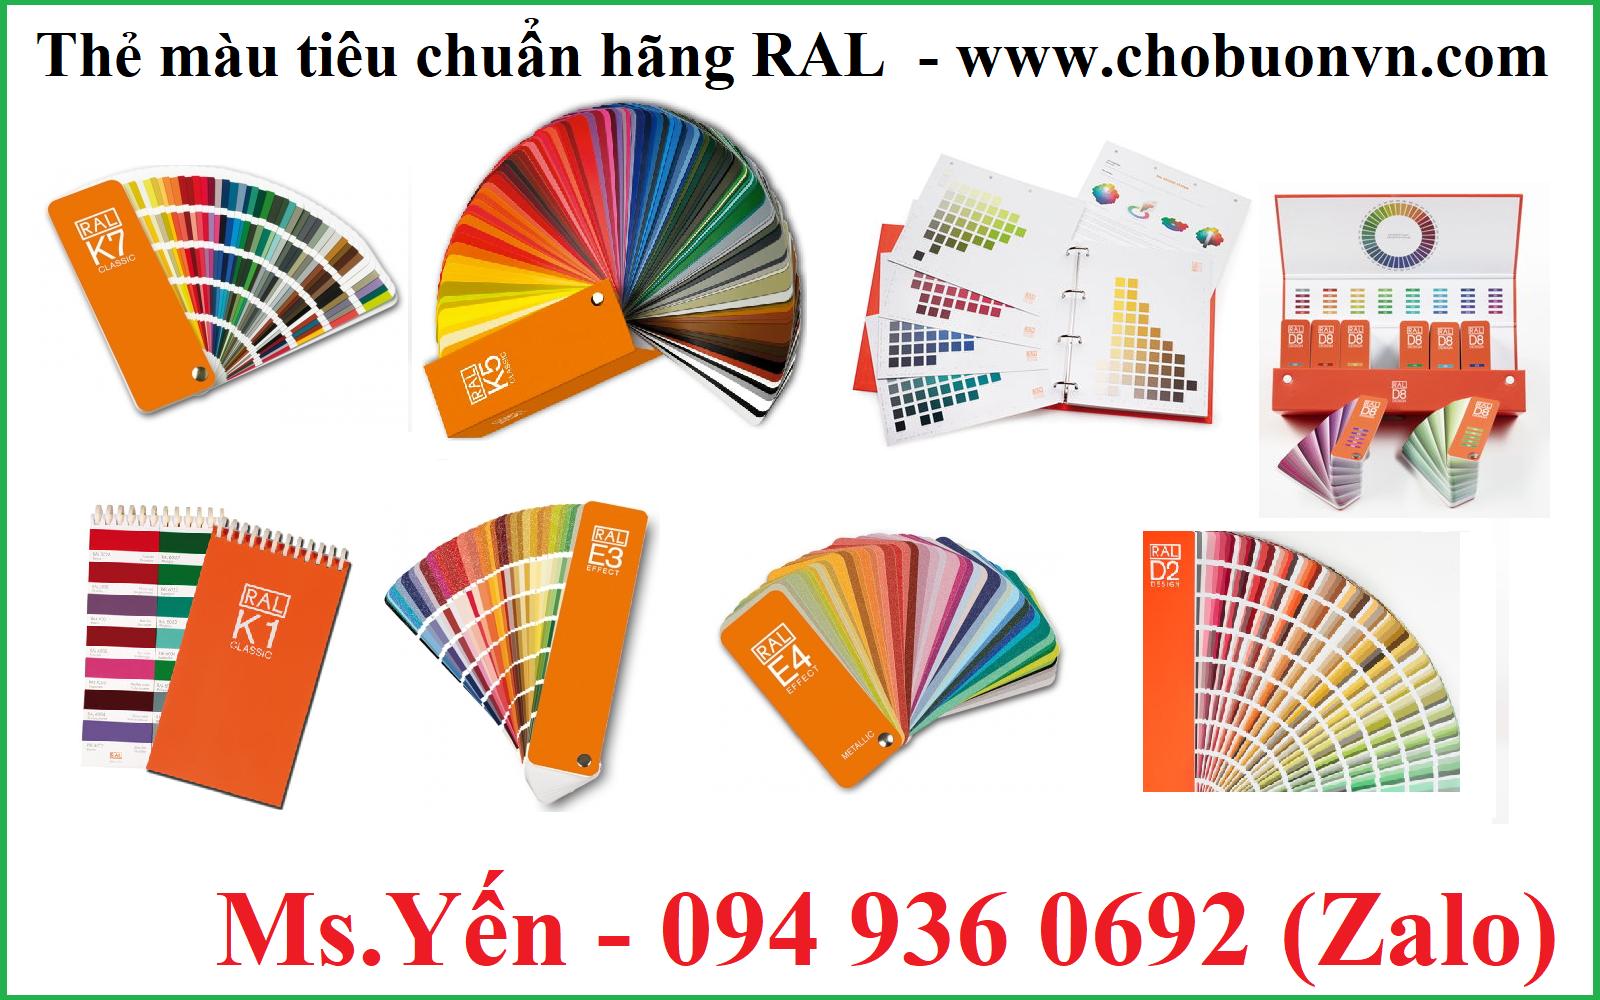 Thẻ màu tiêu chuẩn hãng RAL